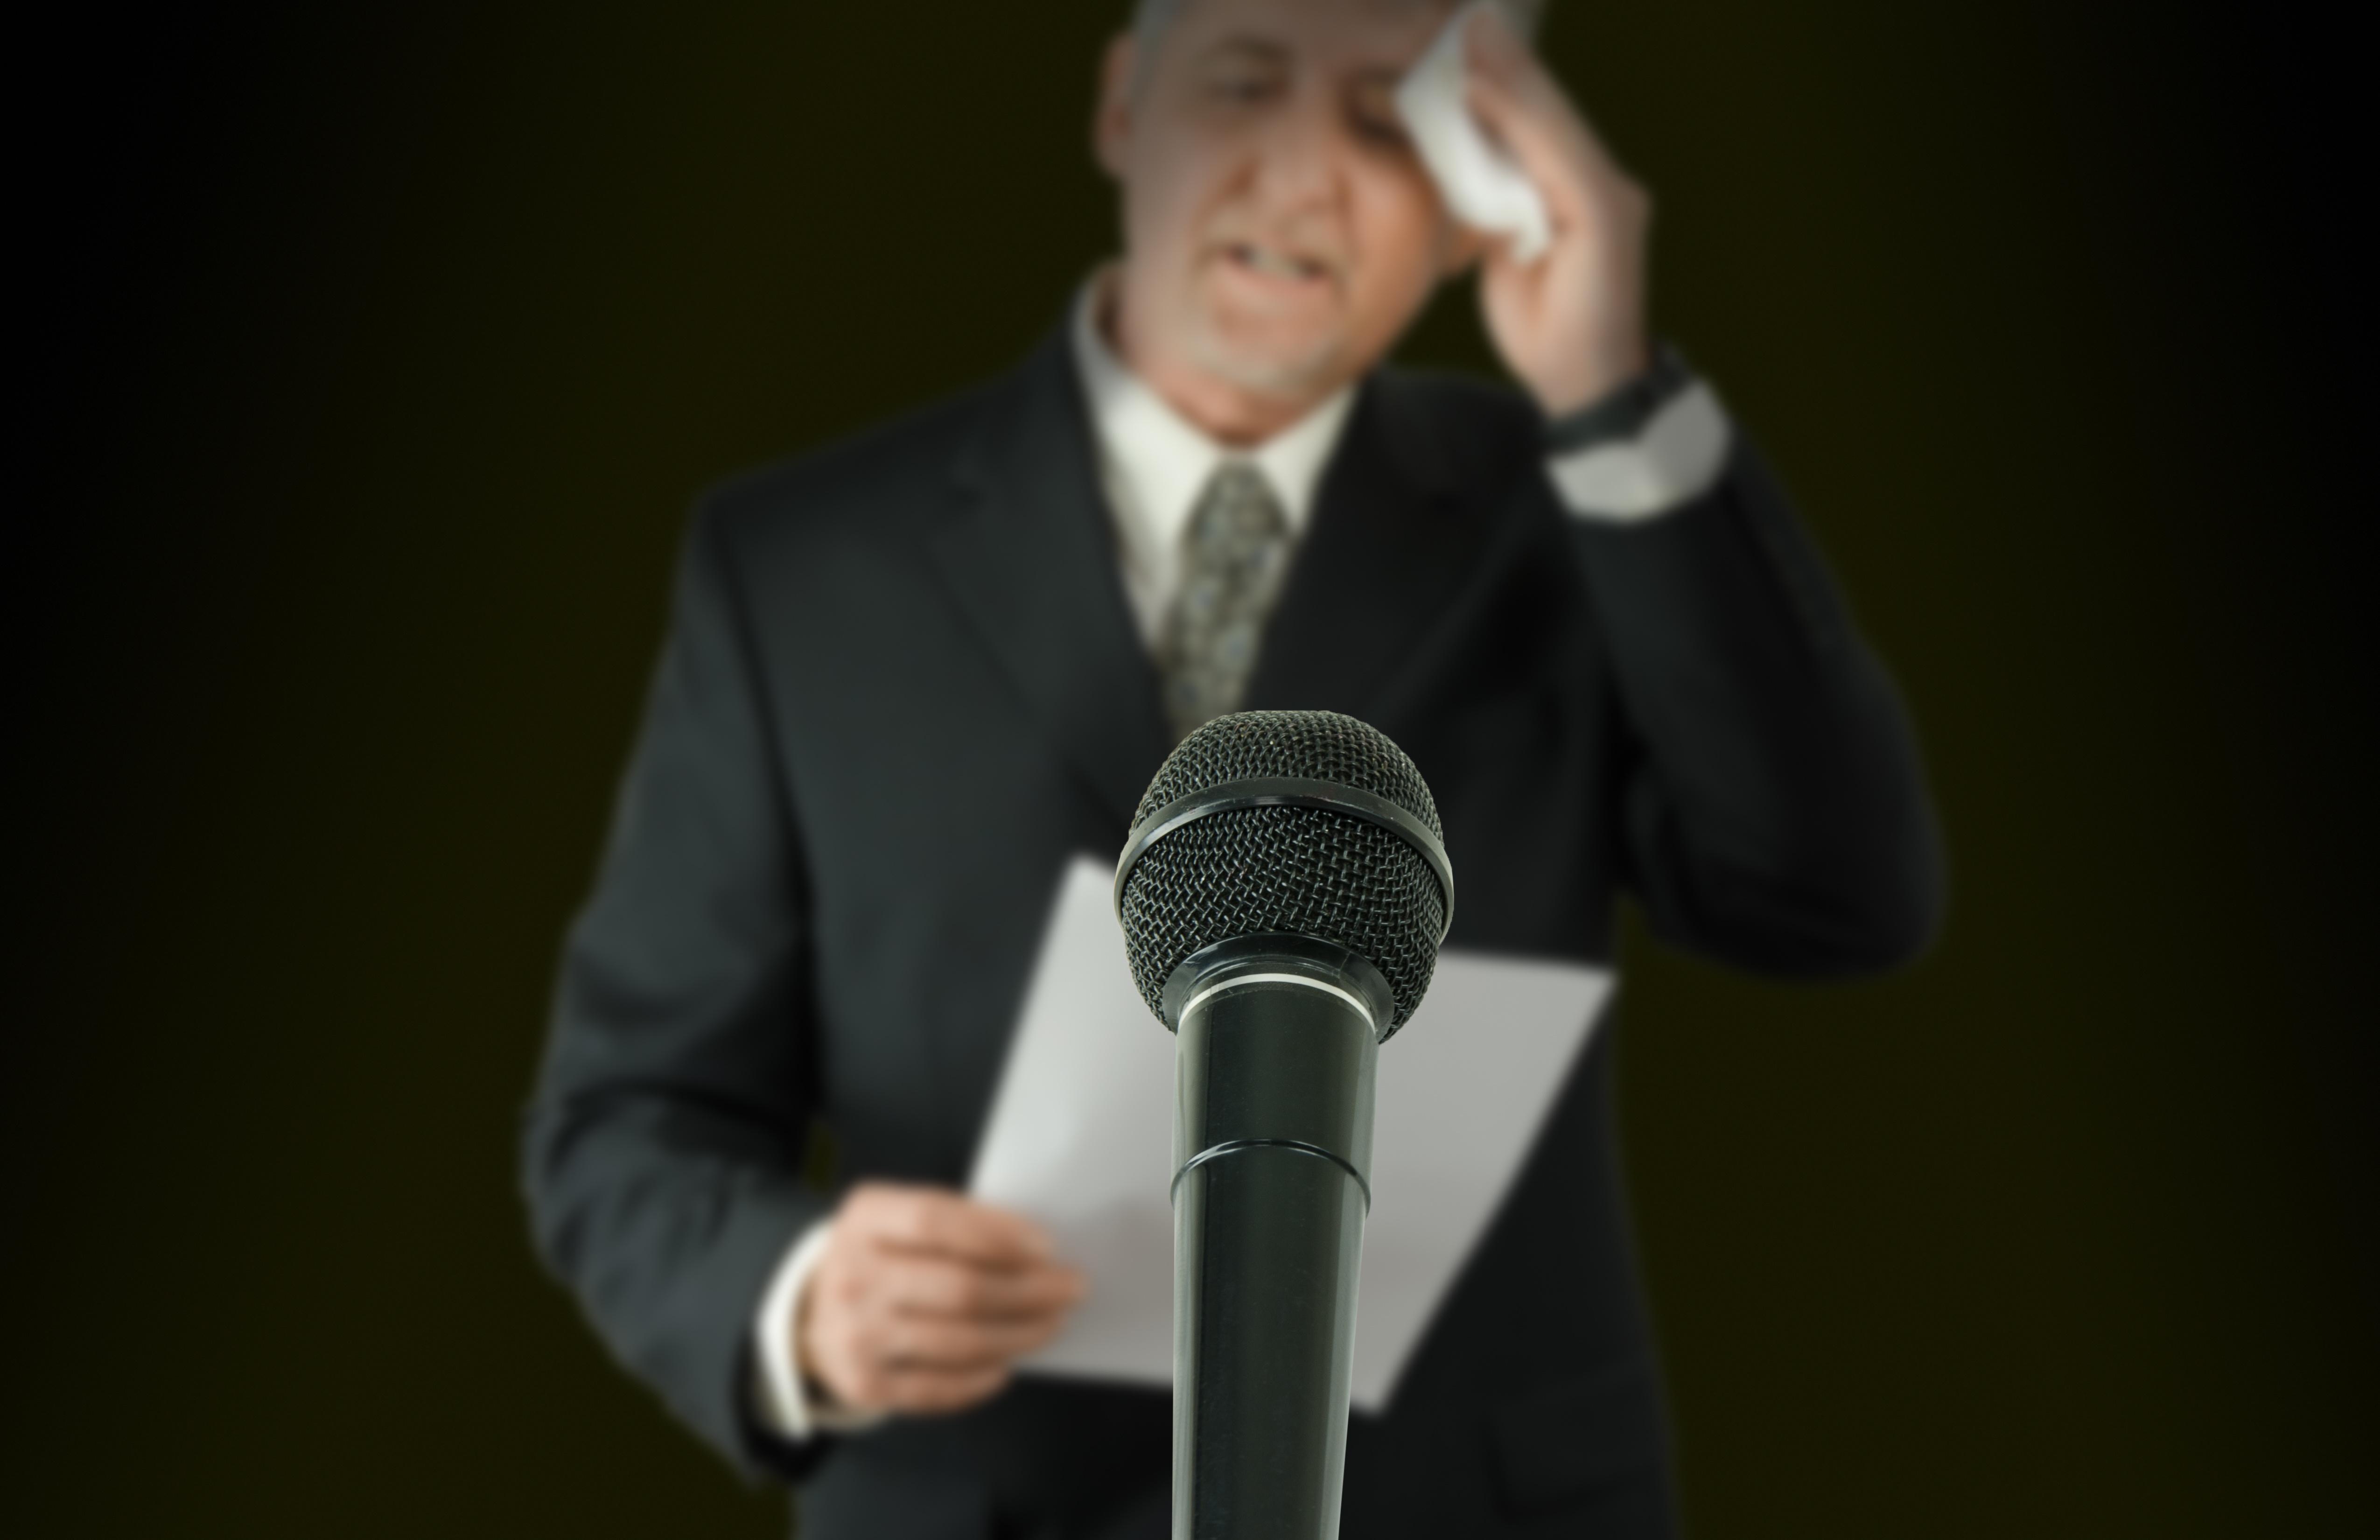 Ängstlicher Redner vor dem Mikrofon